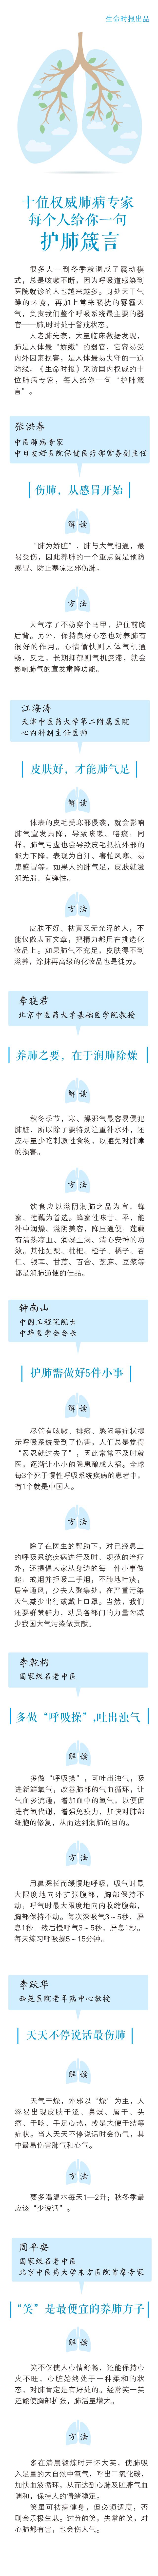 """【健康养生】 十位大牌医生的""""养肺箴言"""",比挂上专家号还值钱 - 心诚艺明 - 心诚艺明的博客"""